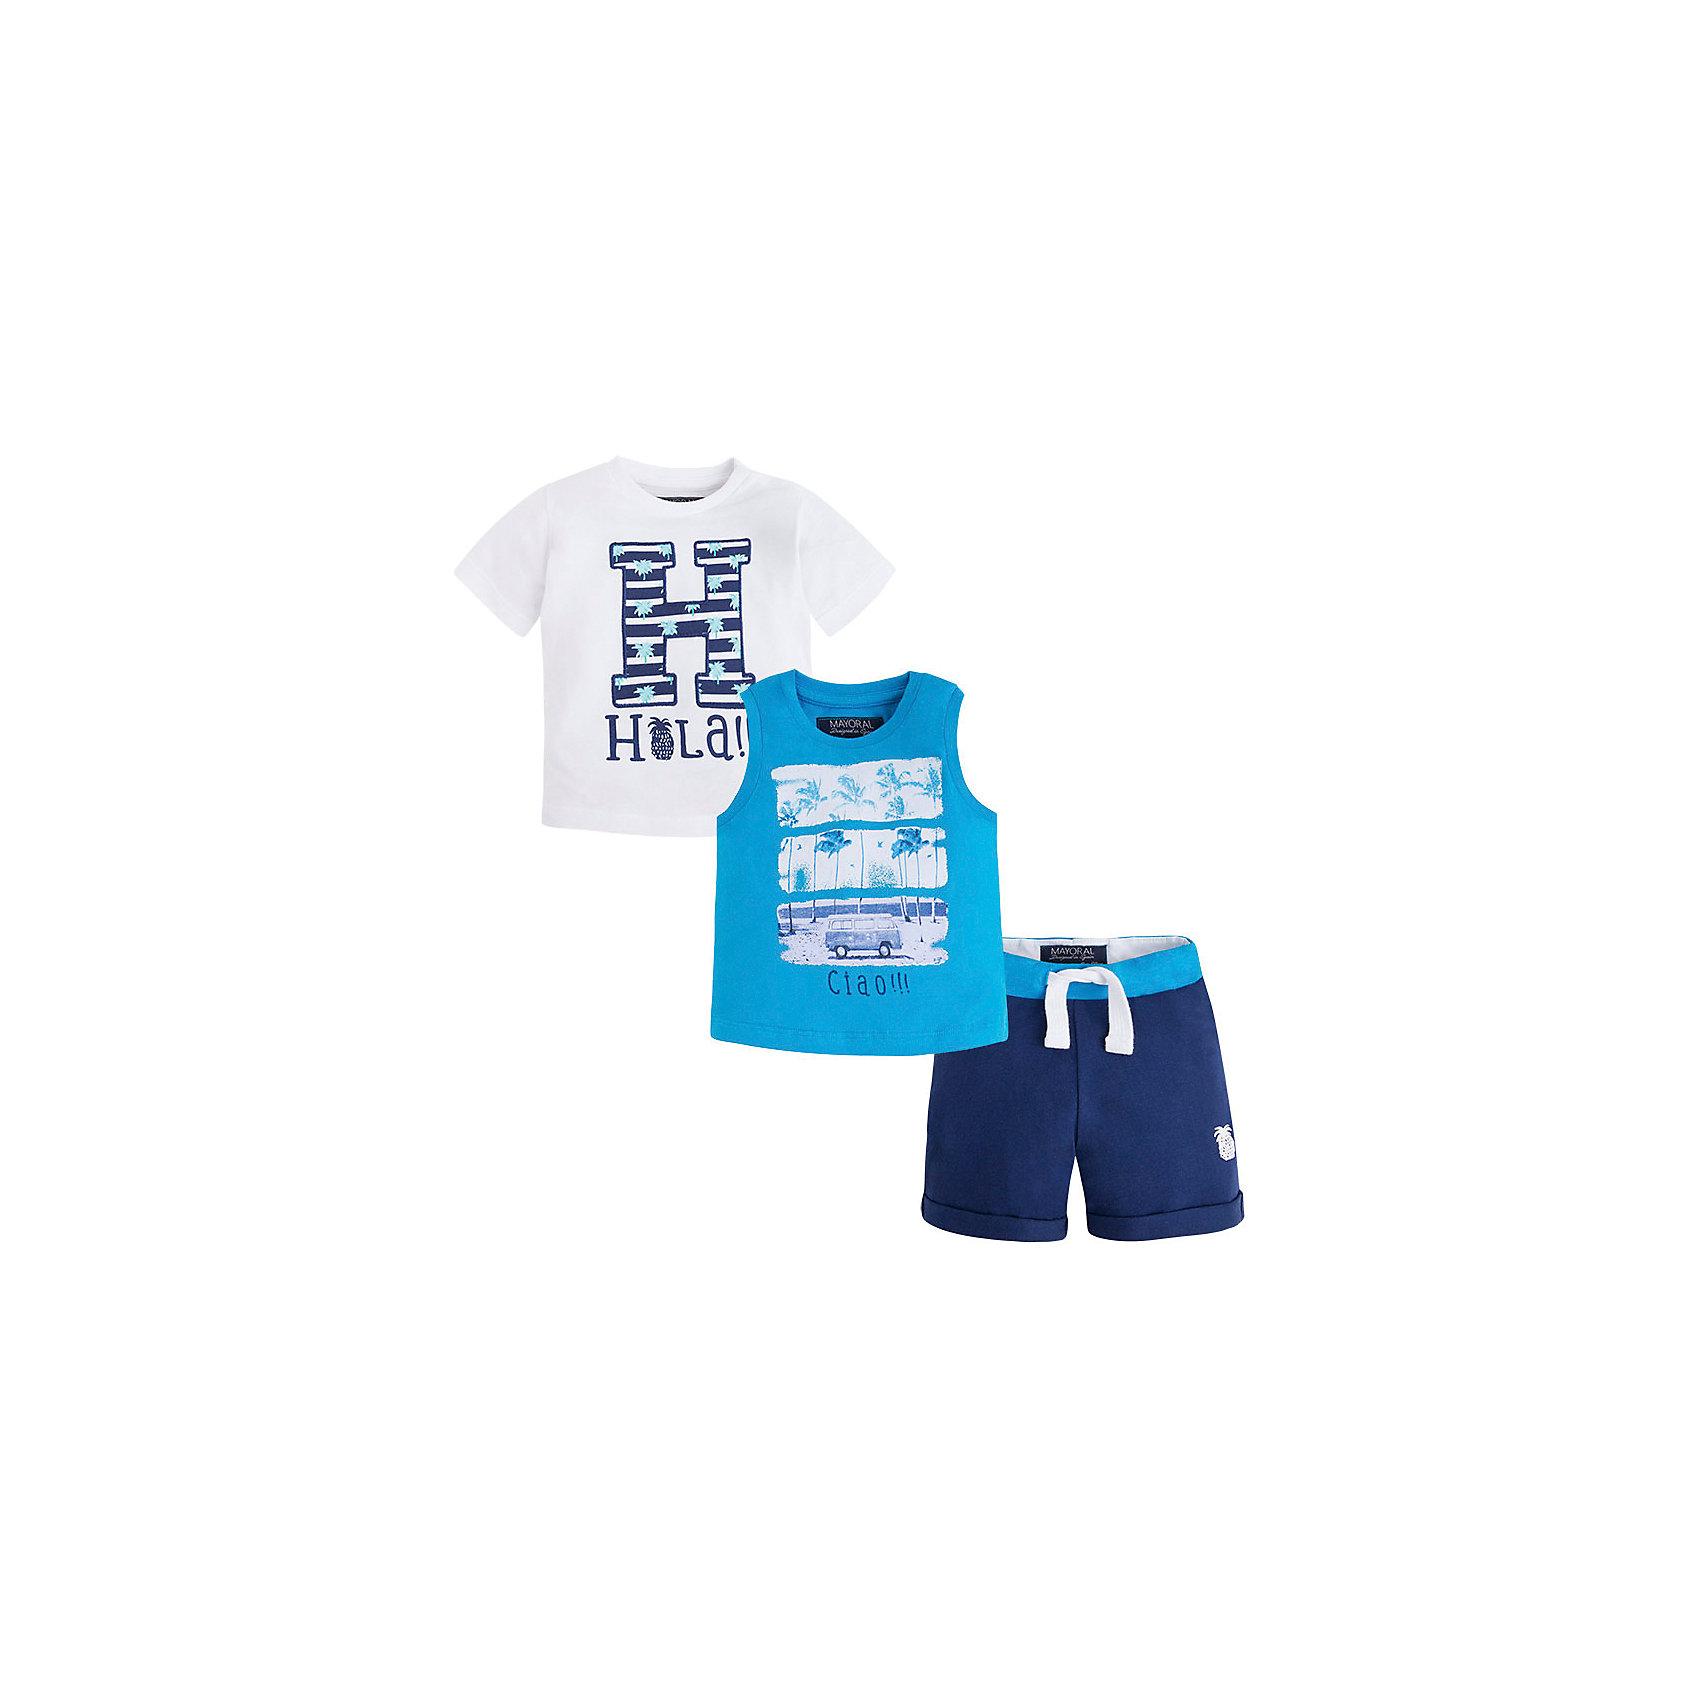 Комплект для мальчика: футболка, майка и шорты MayoralКомплект для мальчика: футболка, майка и шорты для мальчика от известной испанской марки Mayoral - прекрасный вариант для жаркой погоды.<br><br>Дополнительная информация:<br><br>- Мягкая трикотажная ткань<br>- Округлый вырез горловины.<br>- Горловина и пройма в рубчик.<br>- Майка и футболка декорированы ярким принтом и аппликацией.<br>- Шорты прямого кроя, с отворотами.<br>- На эластичном поясе с кулиской.<br>- Шорты декорированы небольшой вышивкой. <br>- Состав: 100 % хлопок.<br><br>Комплект для мальчика: футболку, майку и шорты Mayoral (Майорал) можно купить в нашем магазине.<br><br>Ширина мм: 199<br>Глубина мм: 10<br>Высота мм: 161<br>Вес г: 151<br>Цвет: белый<br>Возраст от месяцев: 9<br>Возраст до месяцев: 12<br>Пол: Мужской<br>Возраст: Детский<br>Размер: 80,92,86<br>SKU: 4537875